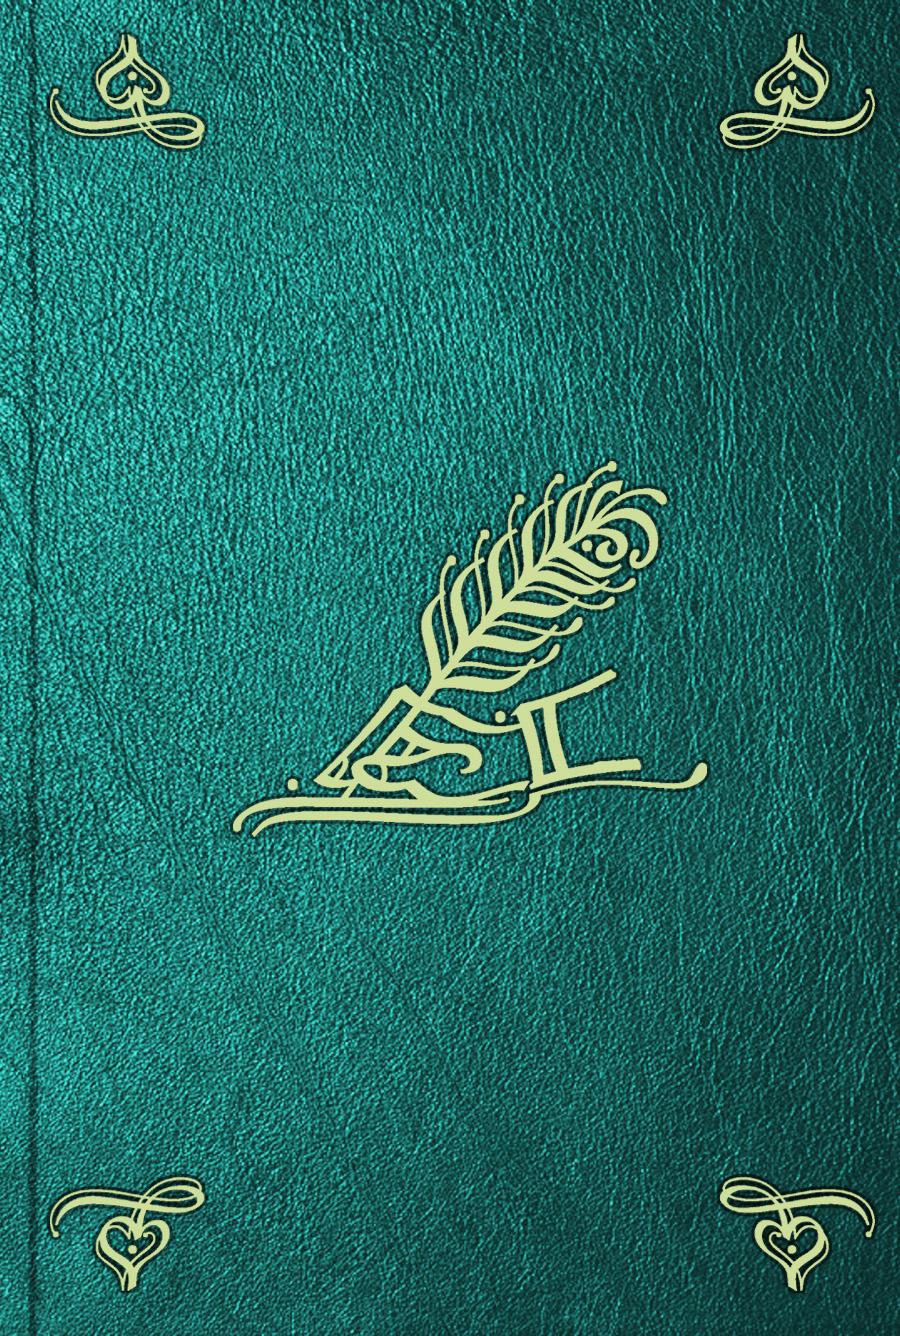 Comte de Buffon Georges Louis Leclerc Histoire naturelle. T. 1. Oiseaux comte de buffon georges louis leclerc histoire naturelle t 8 oiseaux